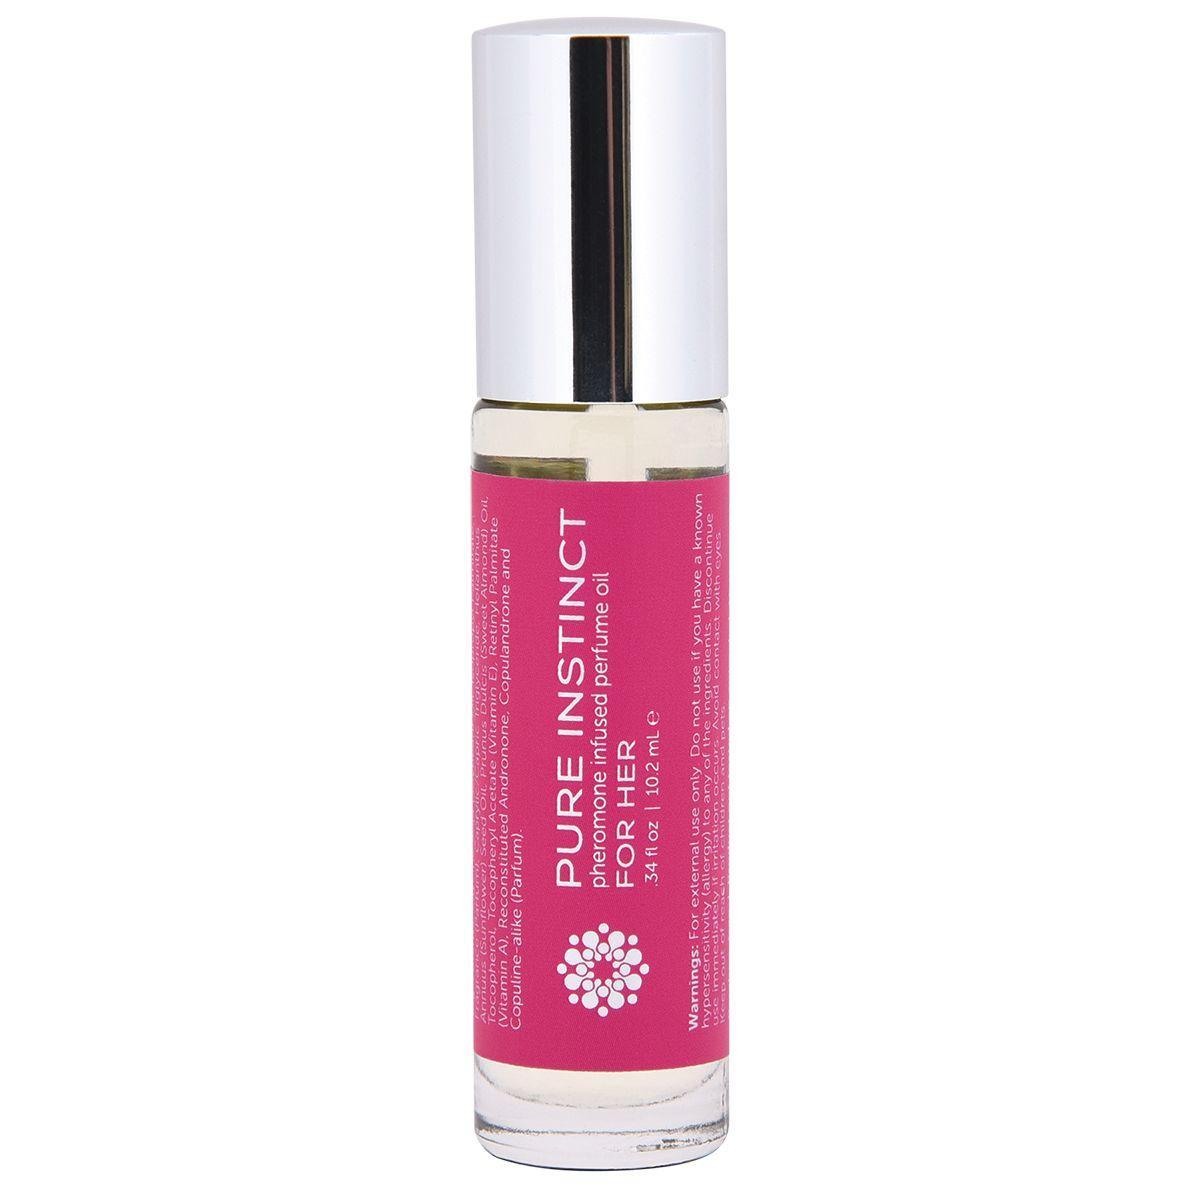 Женское парфюмерное масло с феромонами PURE INSTINCT - 10